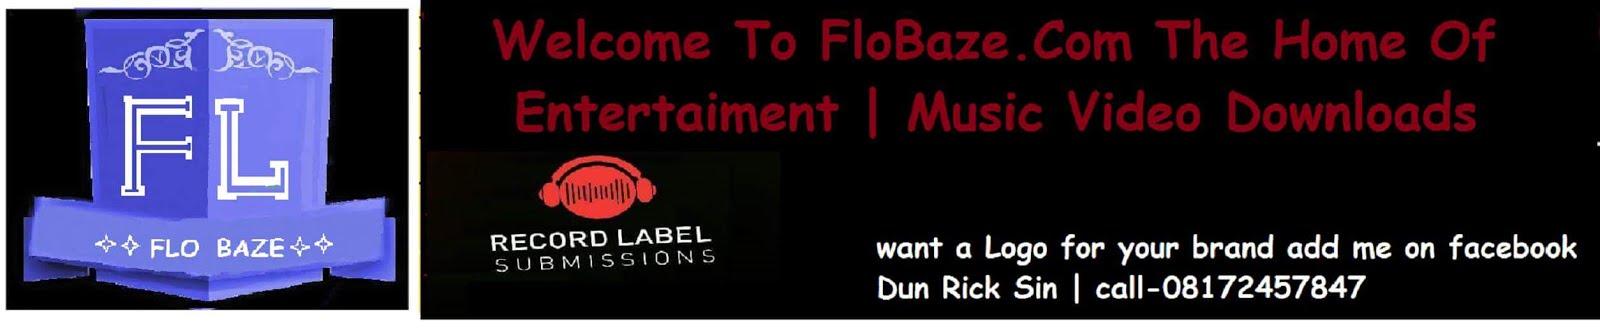 FLOBAZE.COM